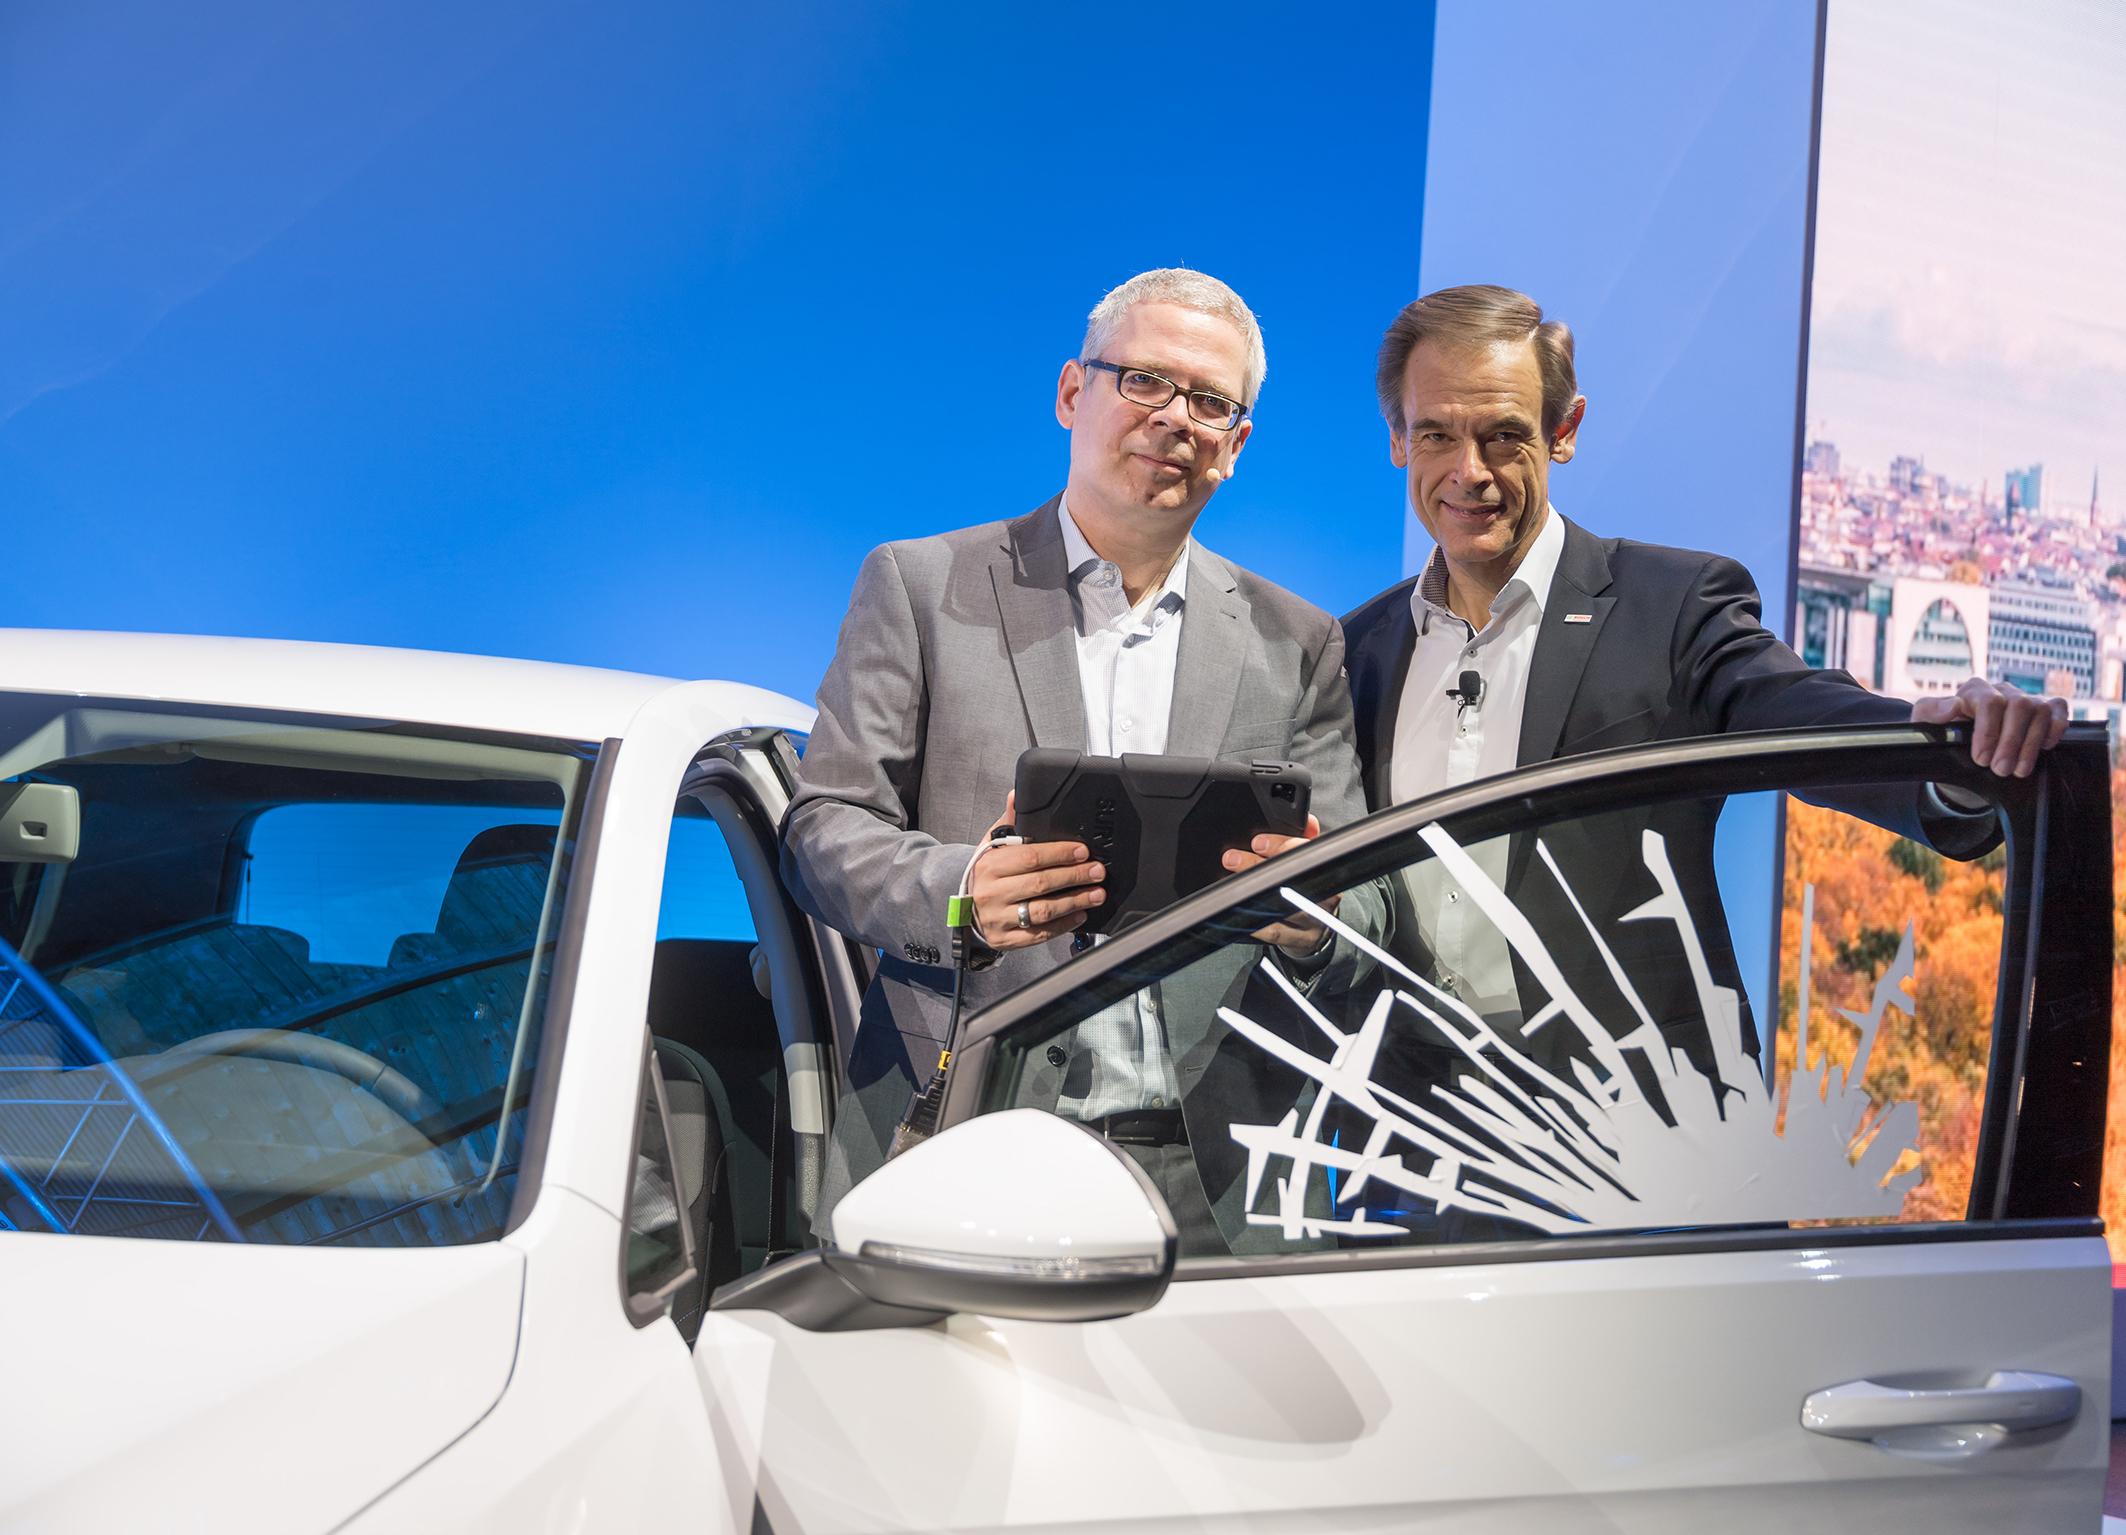 Bosch-Chef Dr. Volkmar Denner und Moderator Dirk Slama bei der Vorführung der vernetzten Werkstatt im Rahmen der Eröffnungsrede der Bosch Connected World 2017